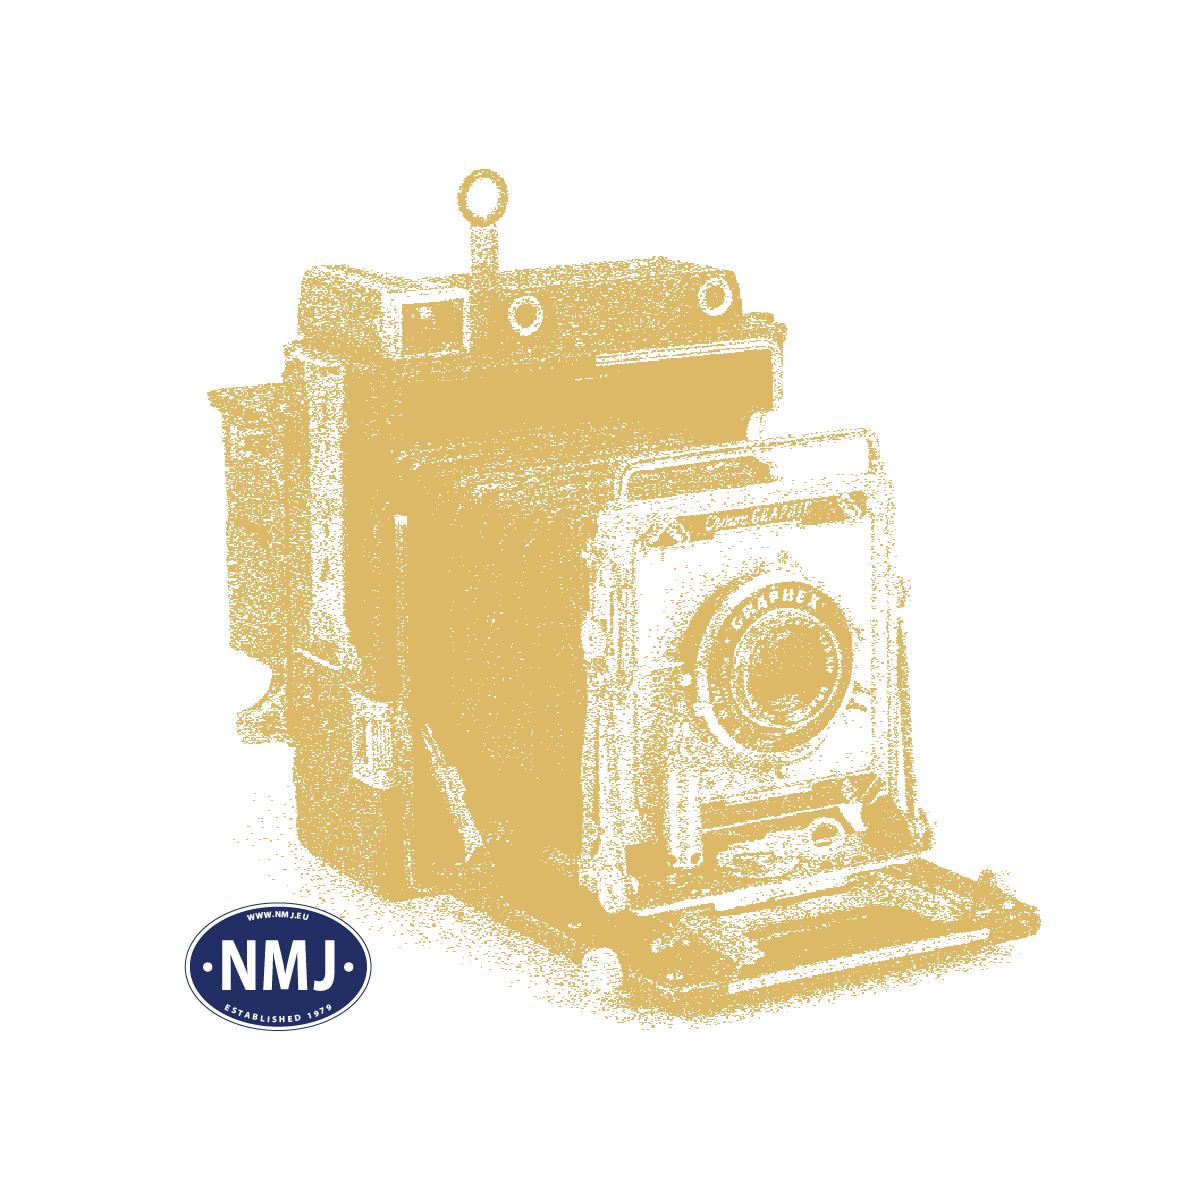 KIB16050 - Plasser & Theurer Skinnejusteringsmaskin, 09-3X, byggesett